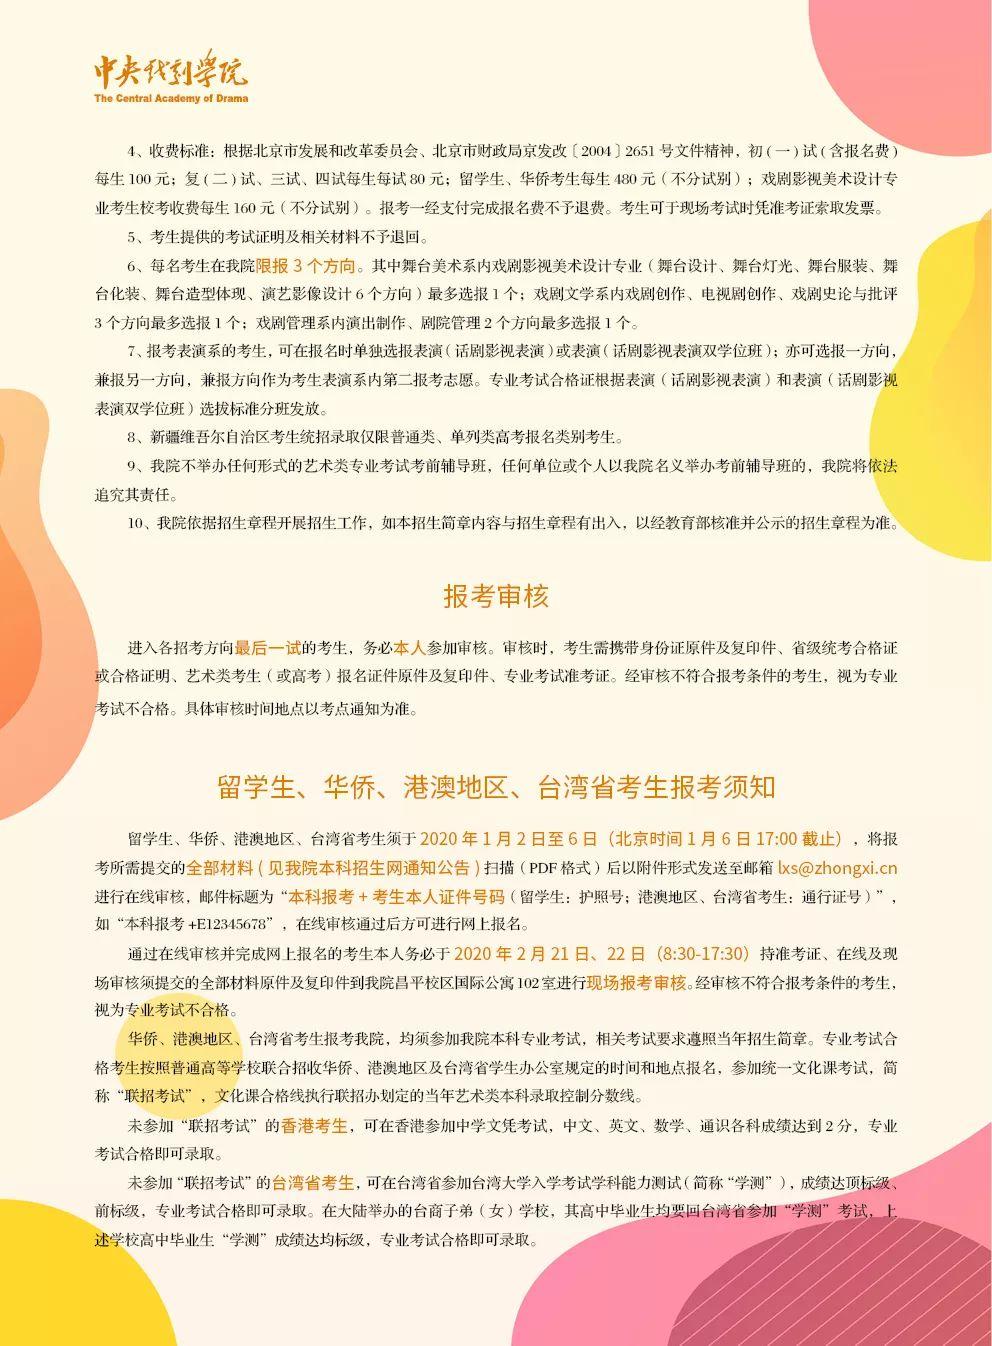 中国传媒大学,北京电影学院,中央戏剧学院,北京巅峰广艺画室       47